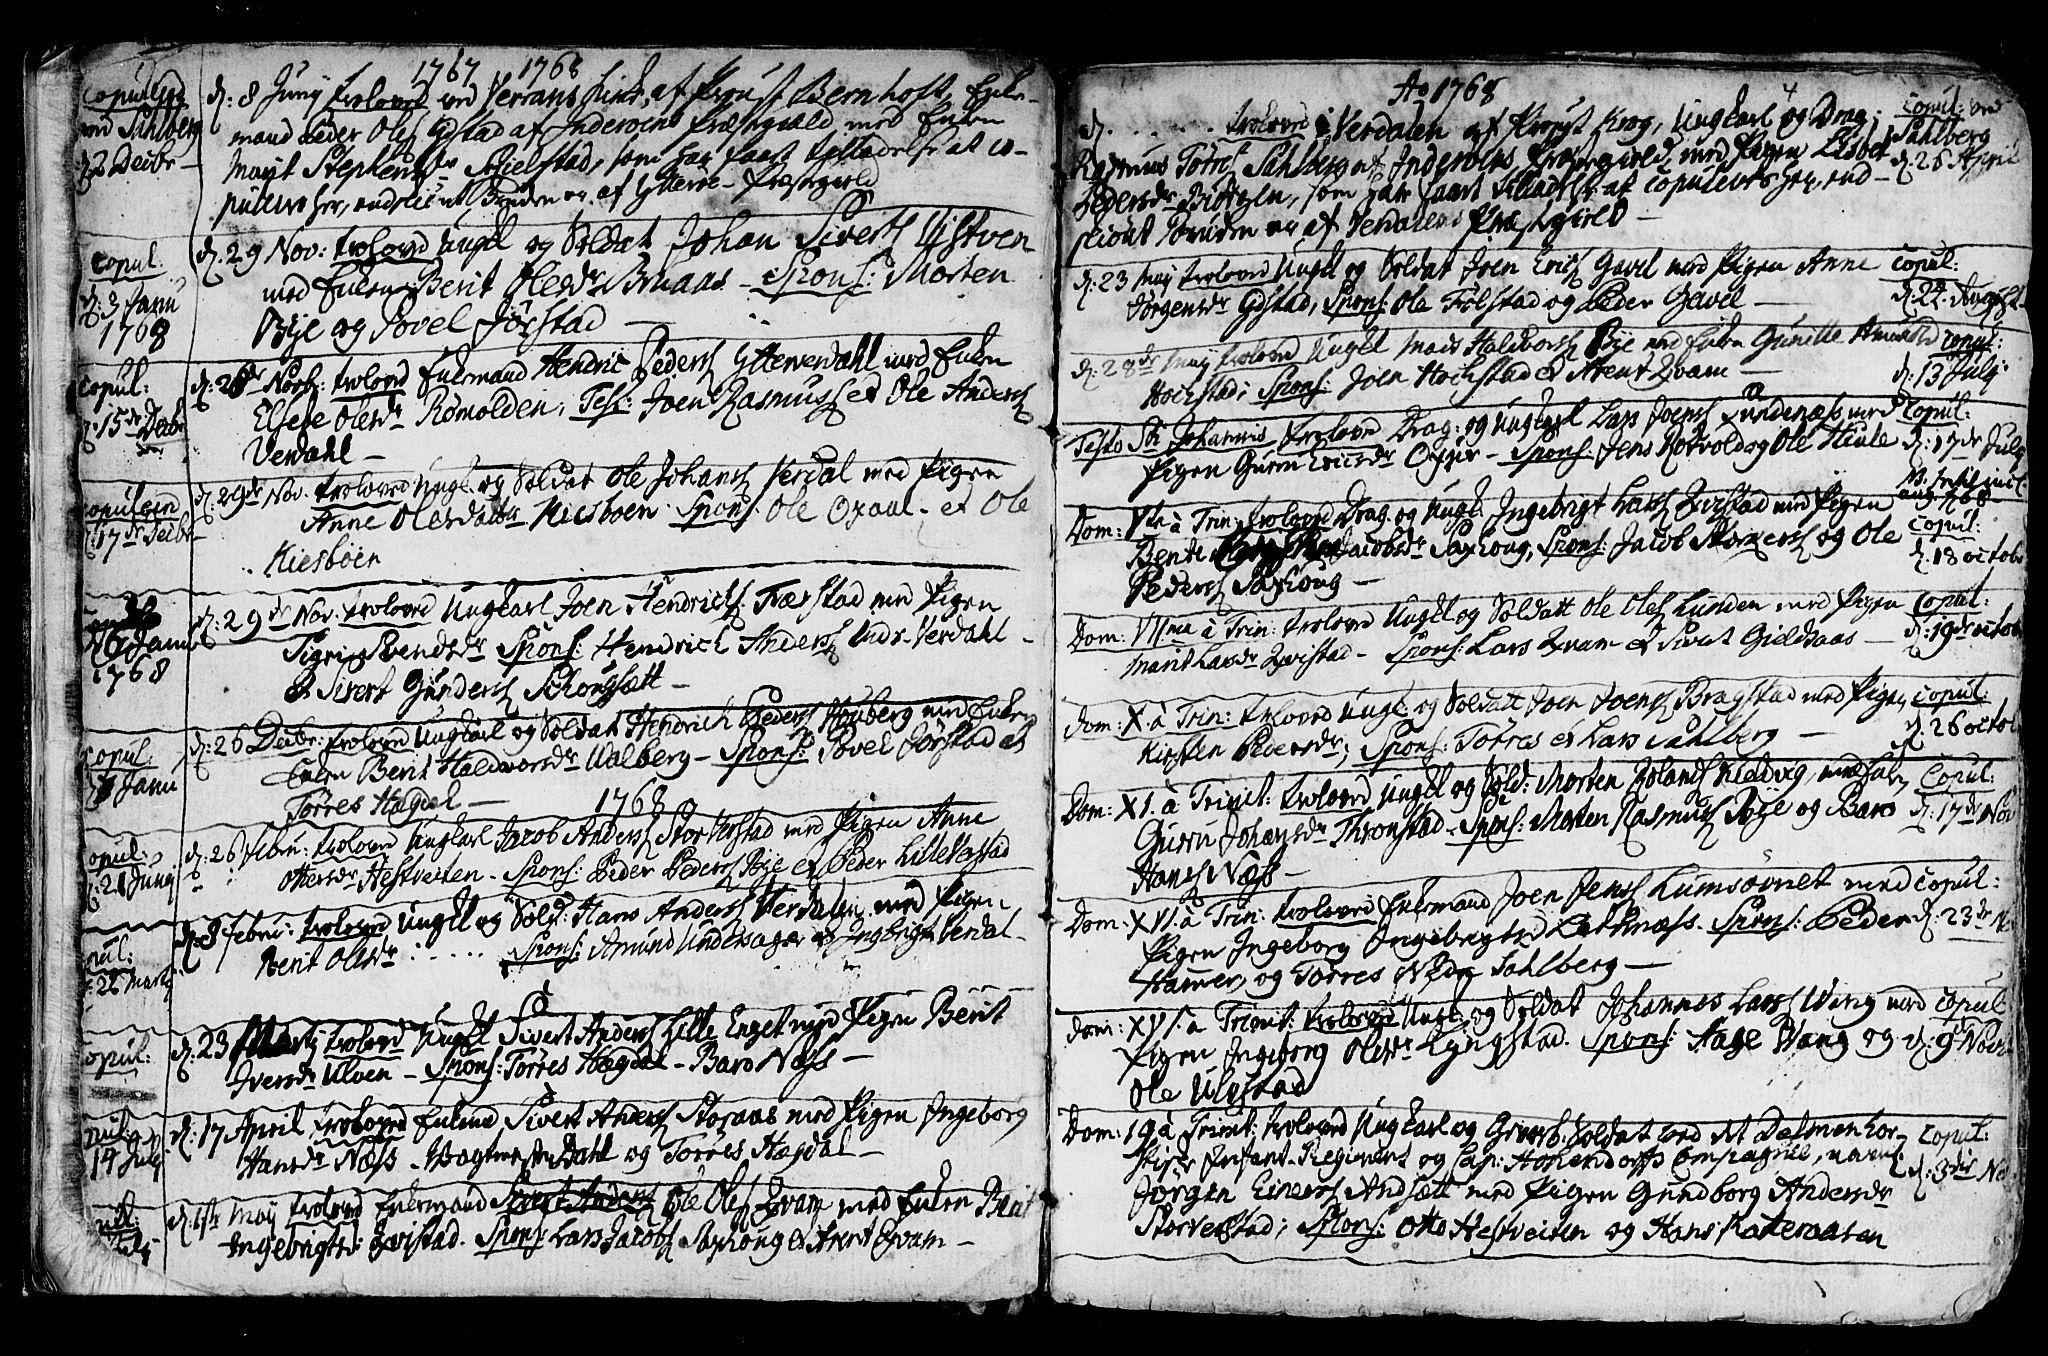 SAT, Ministerialprotokoller, klokkerbøker og fødselsregistre - Nord-Trøndelag, 730/L0273: Ministerialbok nr. 730A02, 1762-1802, s. 4